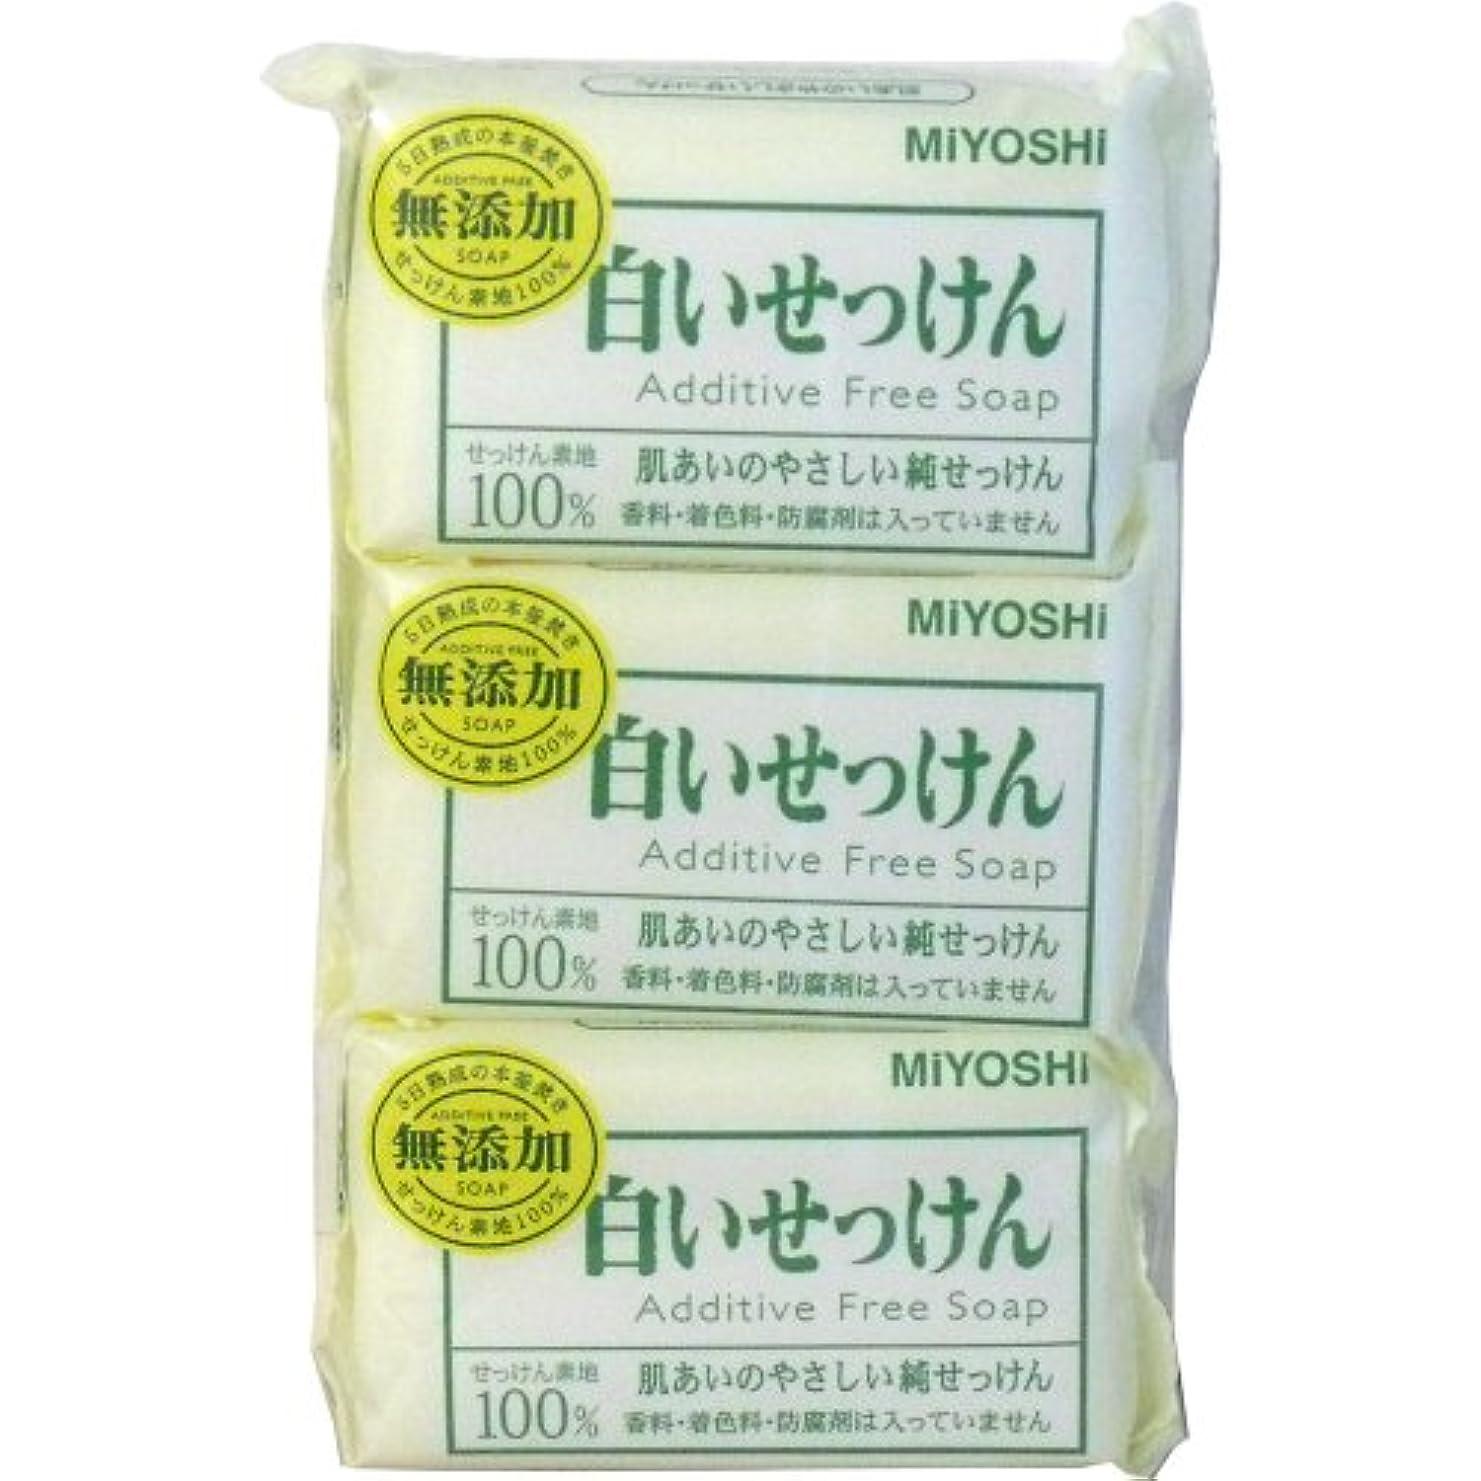 【ミヨシ】ミヨシ 無添加 白いせっけん 108g×3個入 ×5個セット